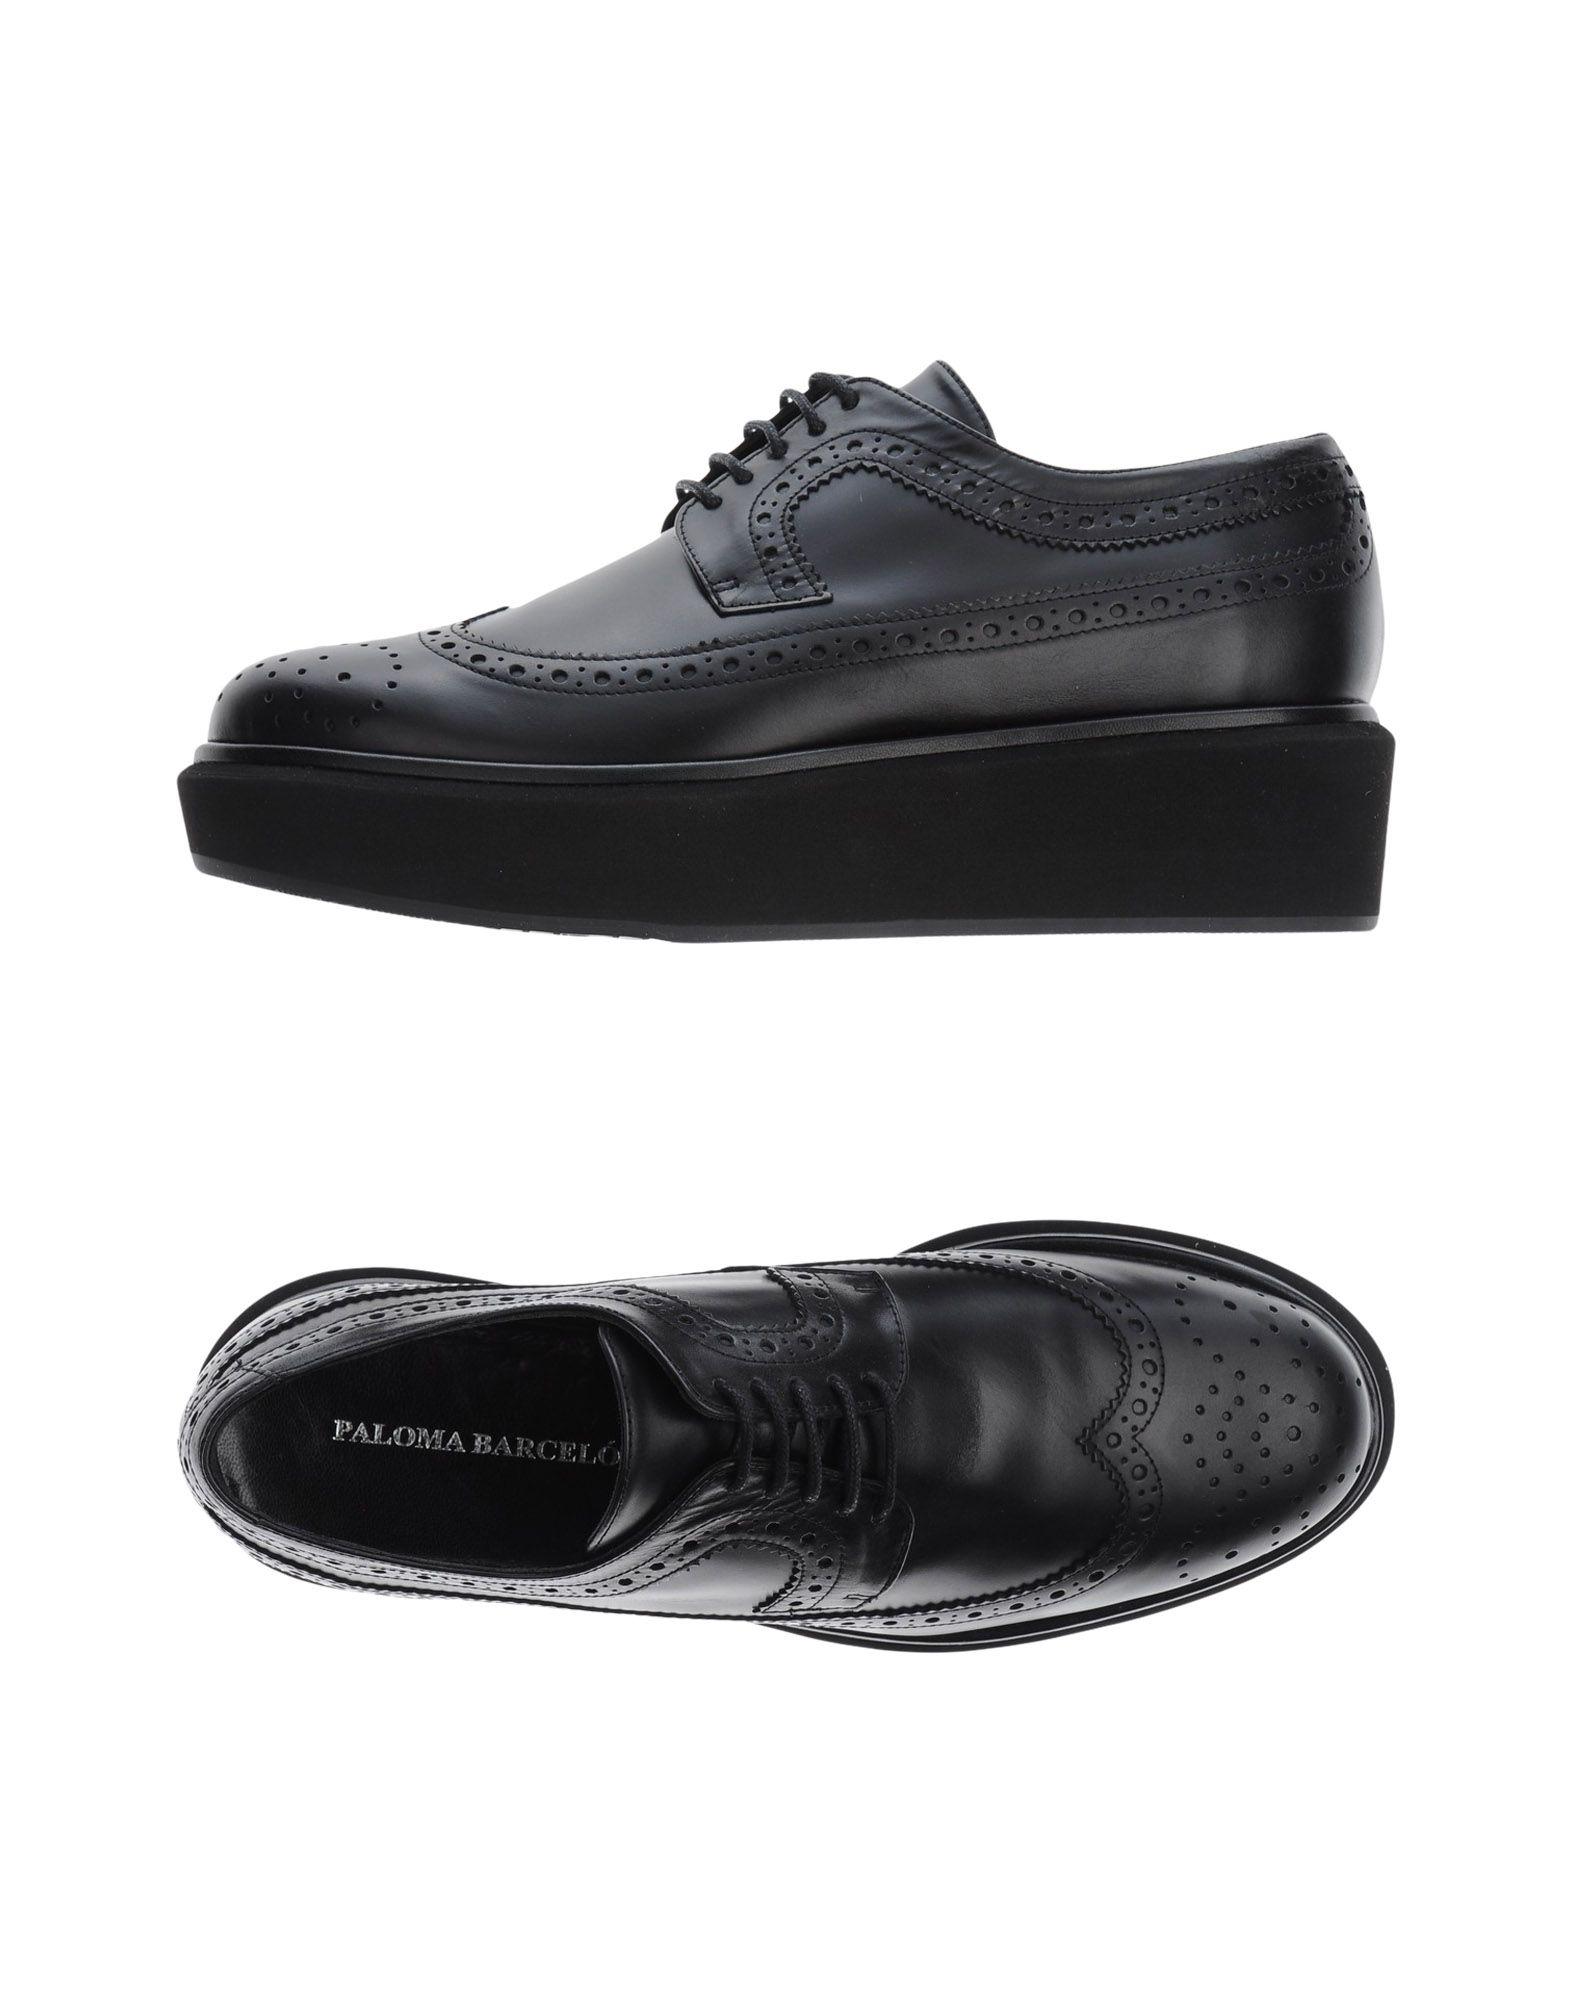 Stilvolle billige Schuhe Paloma Barceló Schnürschuhe Damen  11347270TF 11347270TF 11347270TF 6bb3af